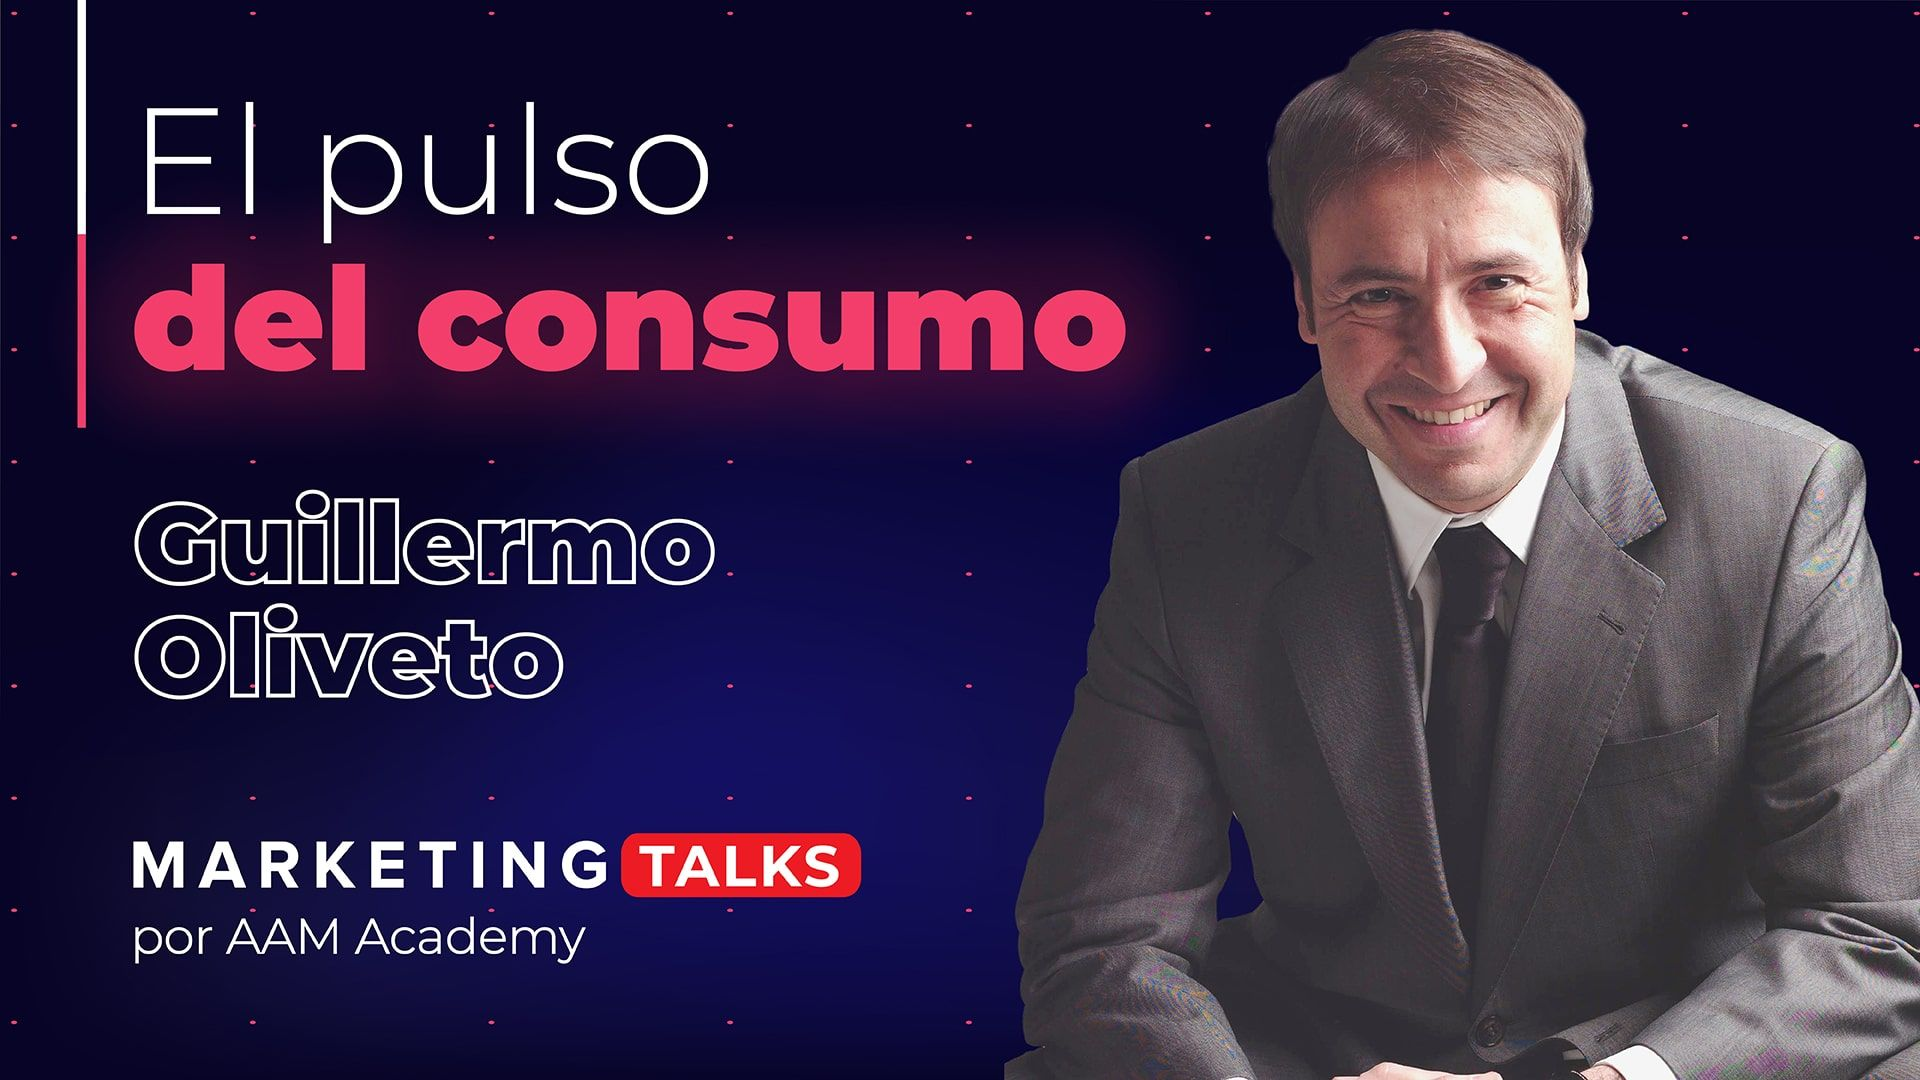 VER Guillermo Oliveto: El Pulso del Consumo